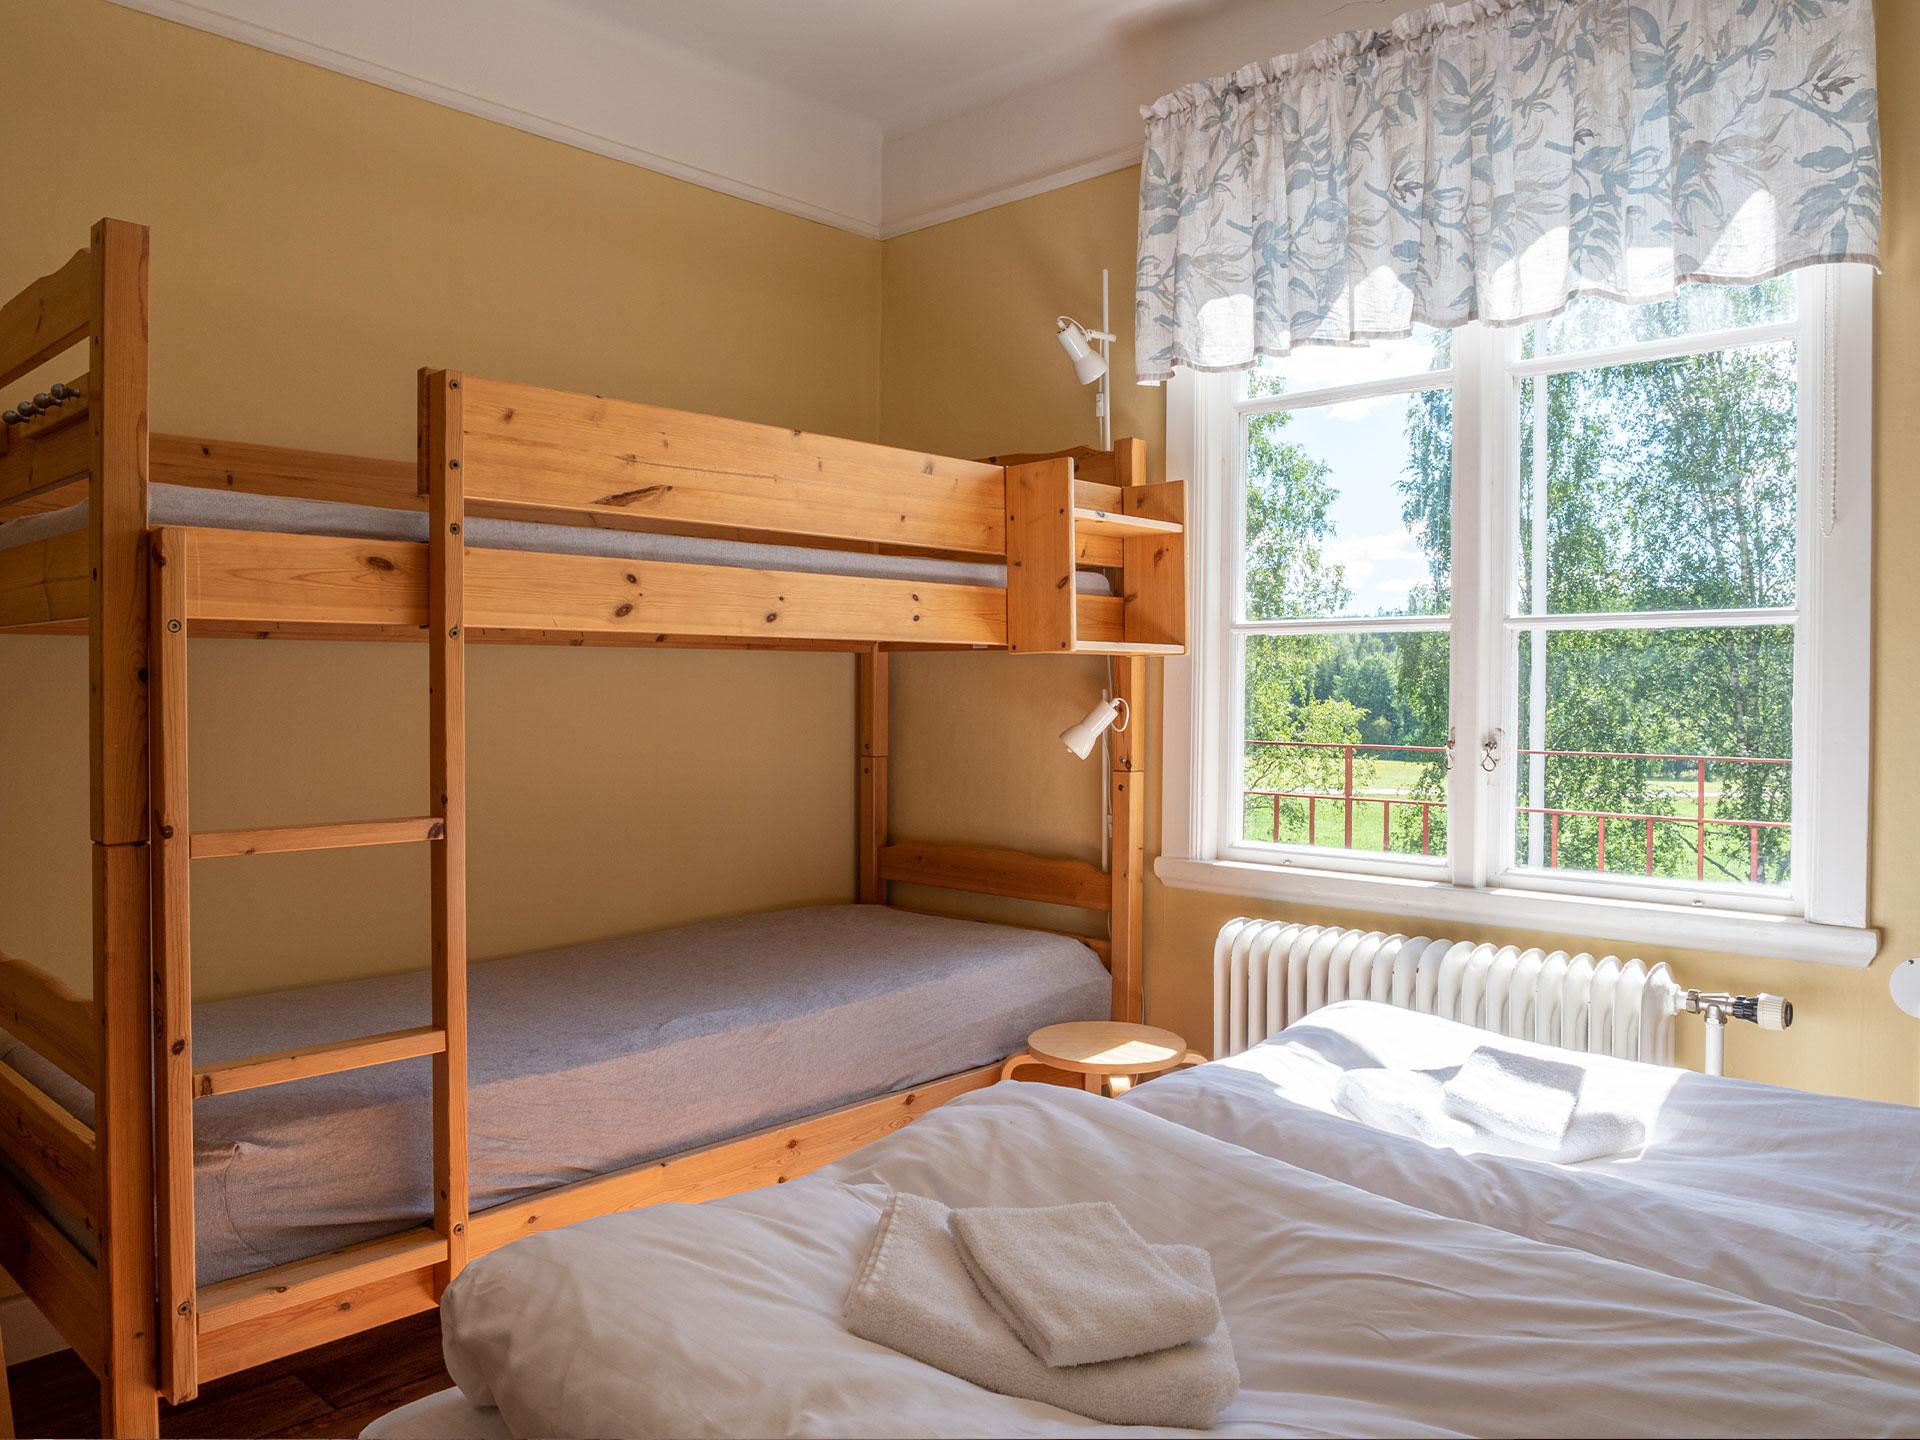 4-bed room, #V13